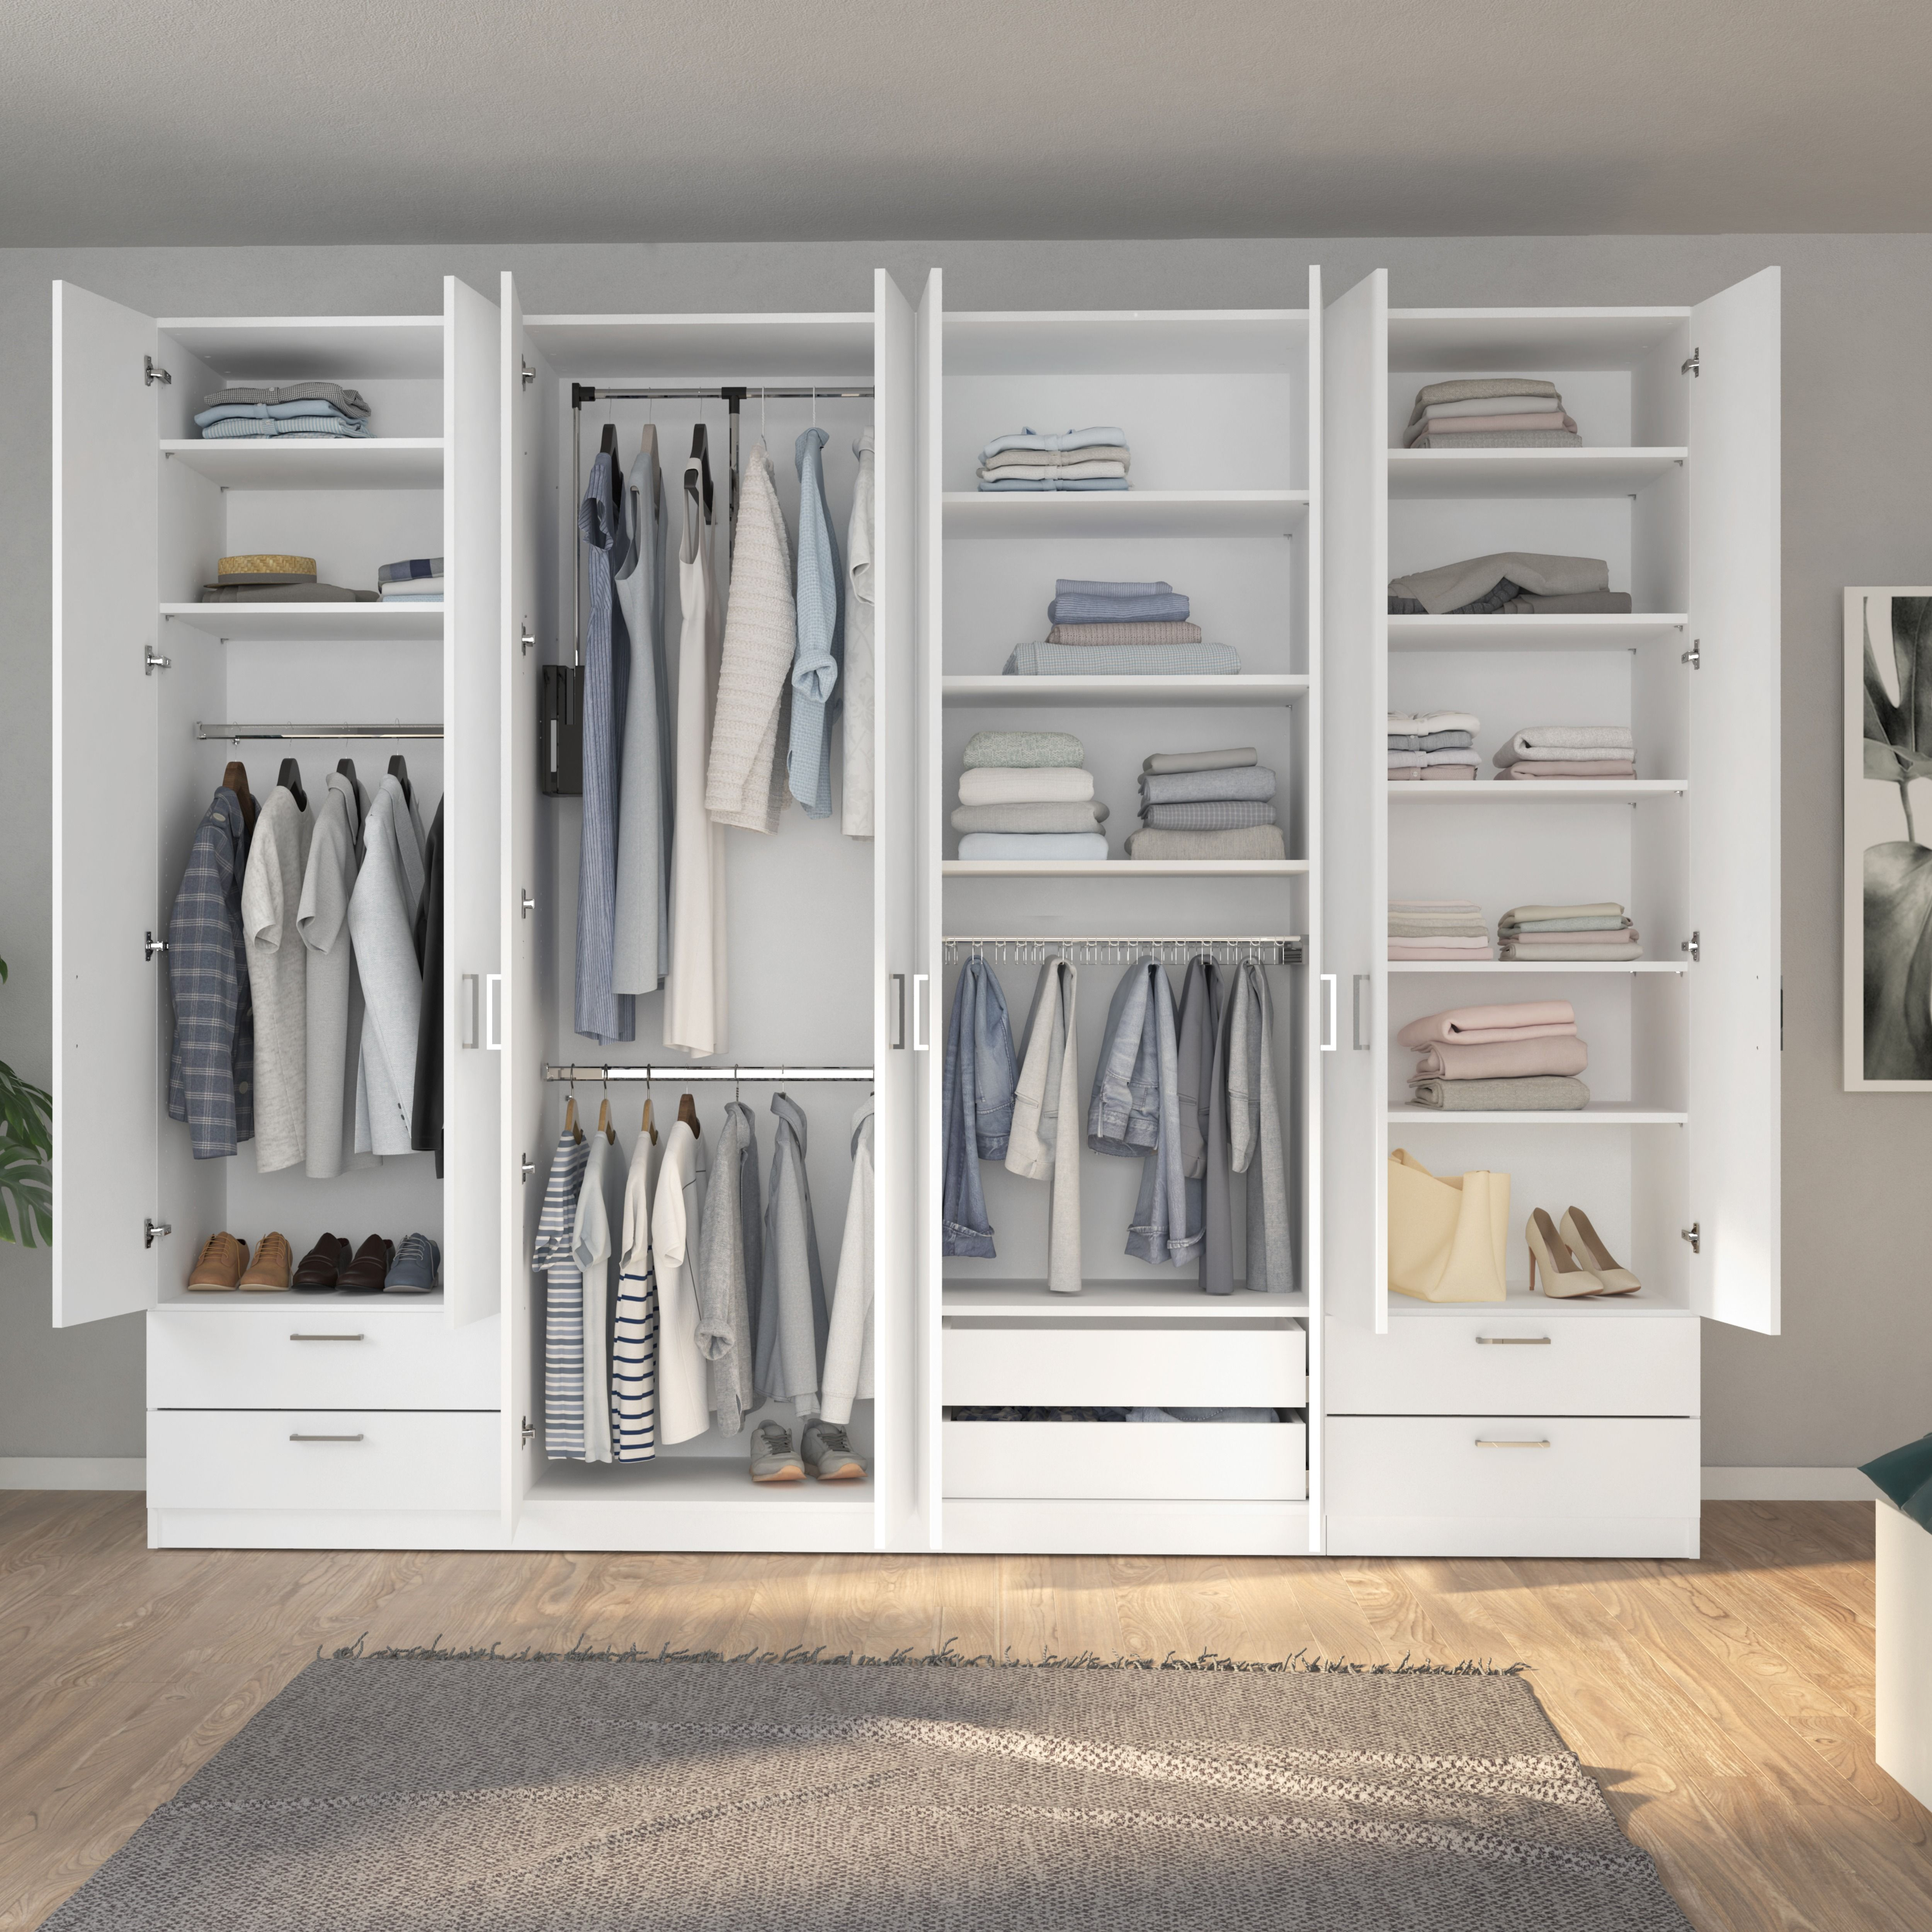 Schlafzimmerschrank Mit Individueller Ausstattung Schrank Zimmer